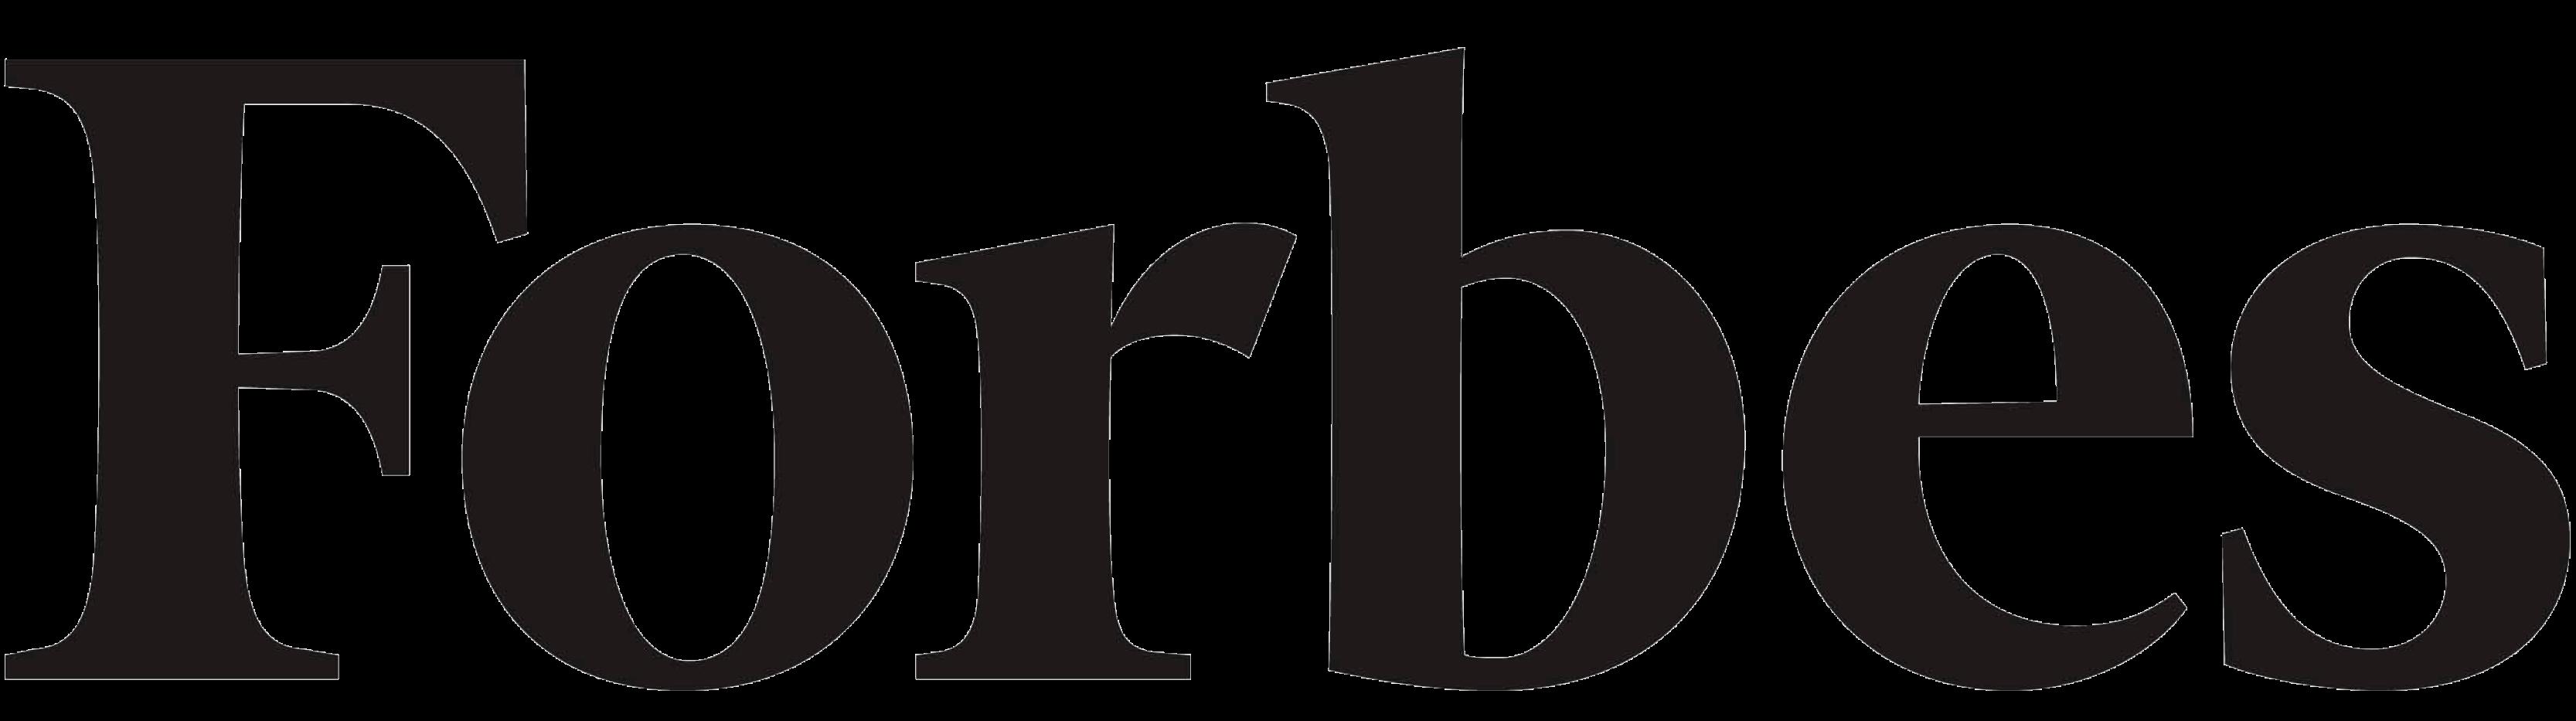 Resultado de imagen para logo forbe